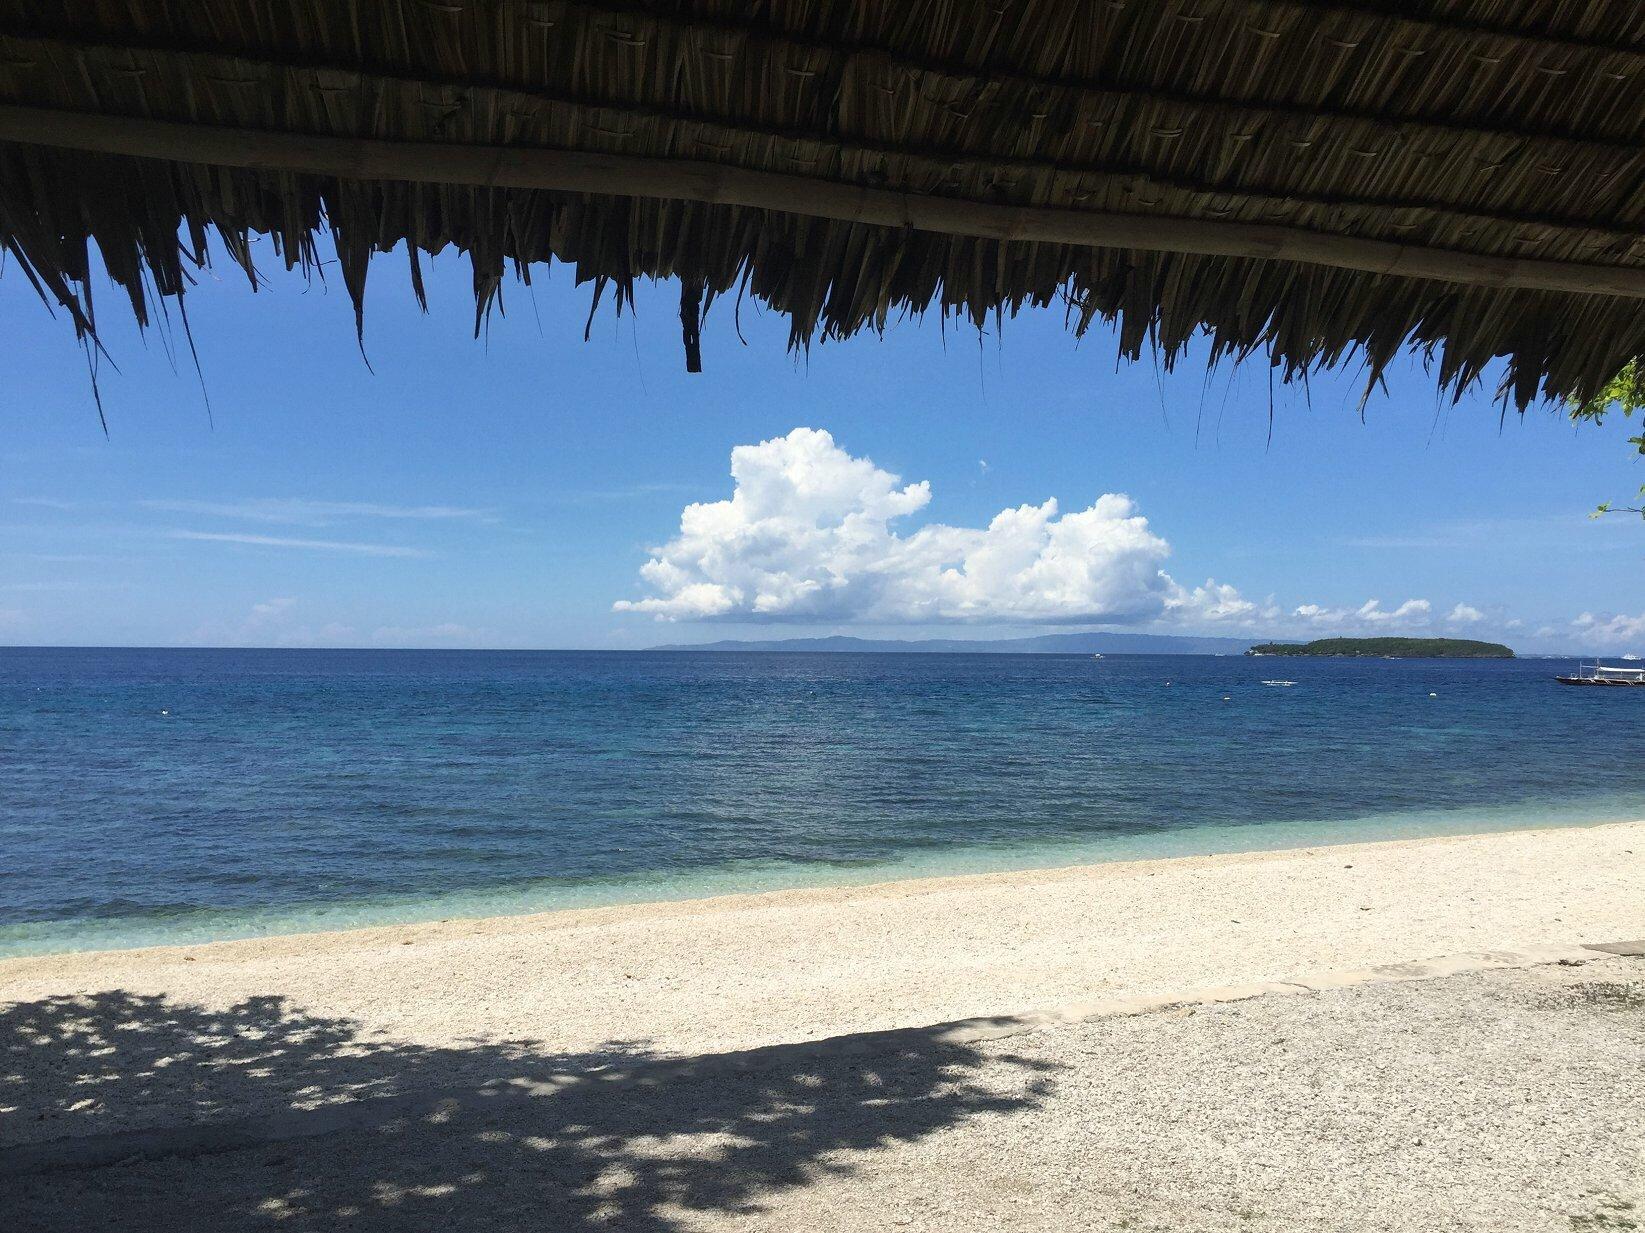 菲律宾杜马盖地,oslob鲸鲨,APO岛珊瑚雨林,苏米龙一岛一酒店